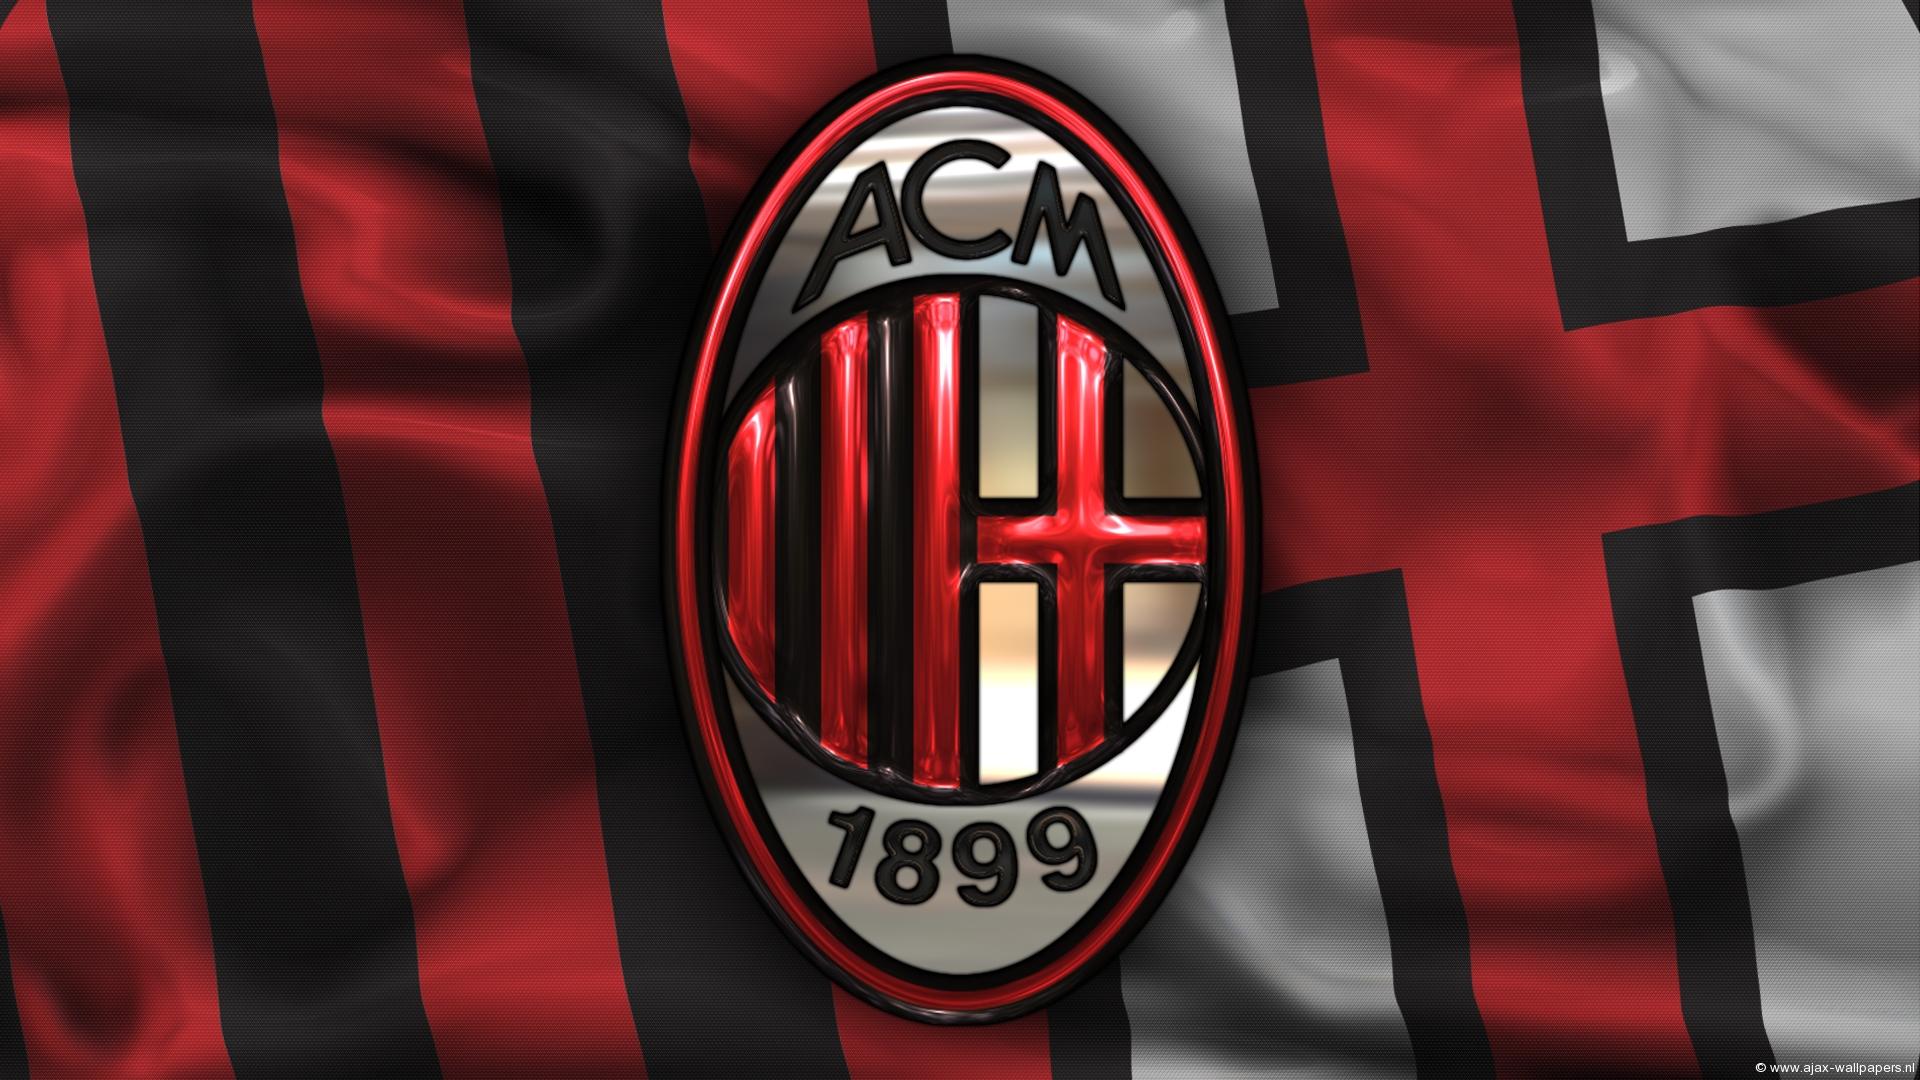 Ac Milan Logo Wallpaper Themes 2015 11812 Wallpaper Cool 1920x1080